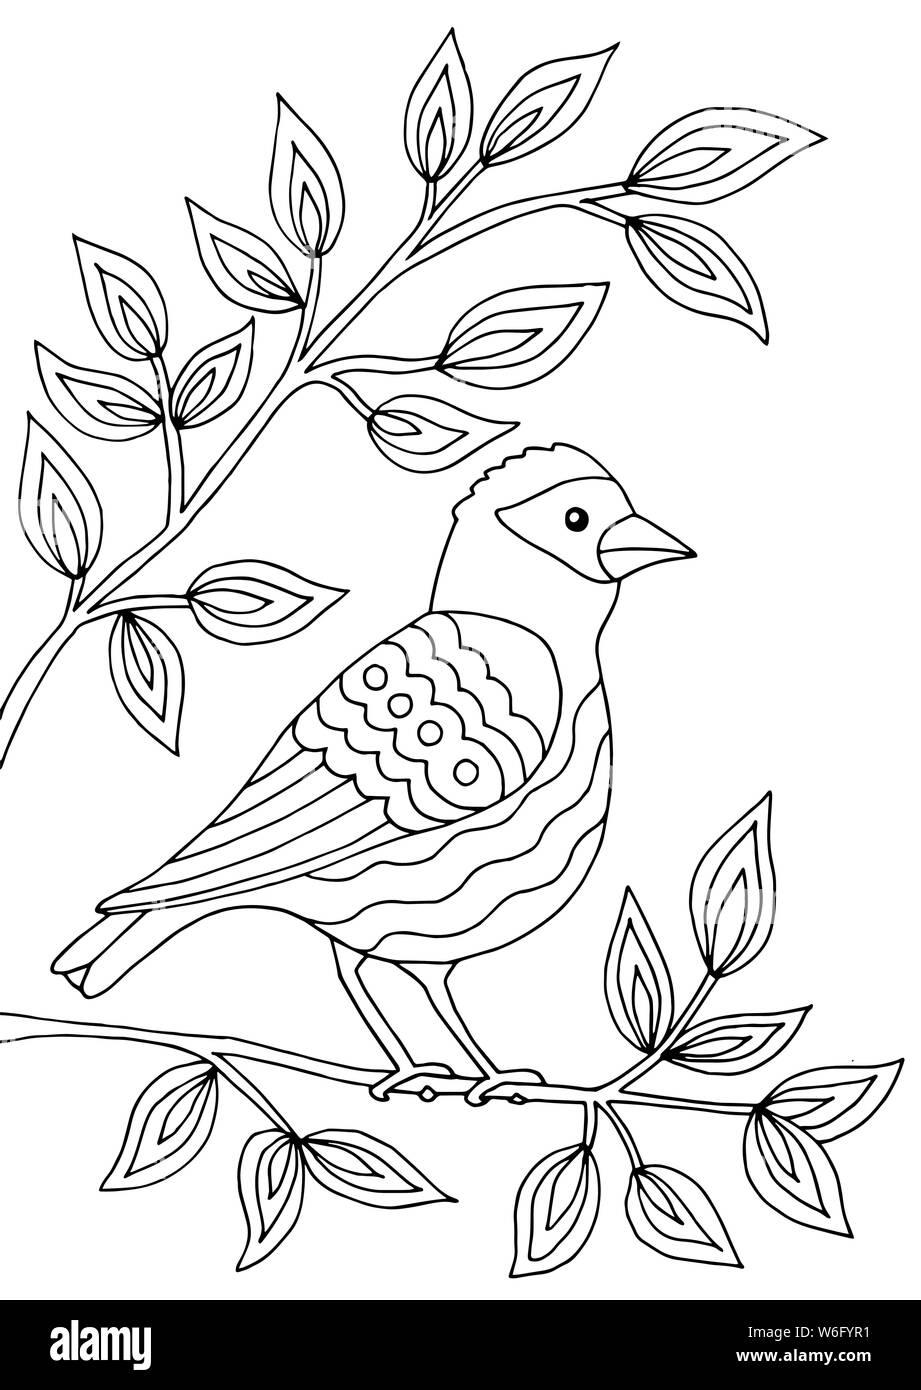 Bird Seduto Su Un Ramo Di Un Albero Di Fioritura Pagina Da Colorare Per Bambini E Adulti Immagine E Vettoriale Alamy